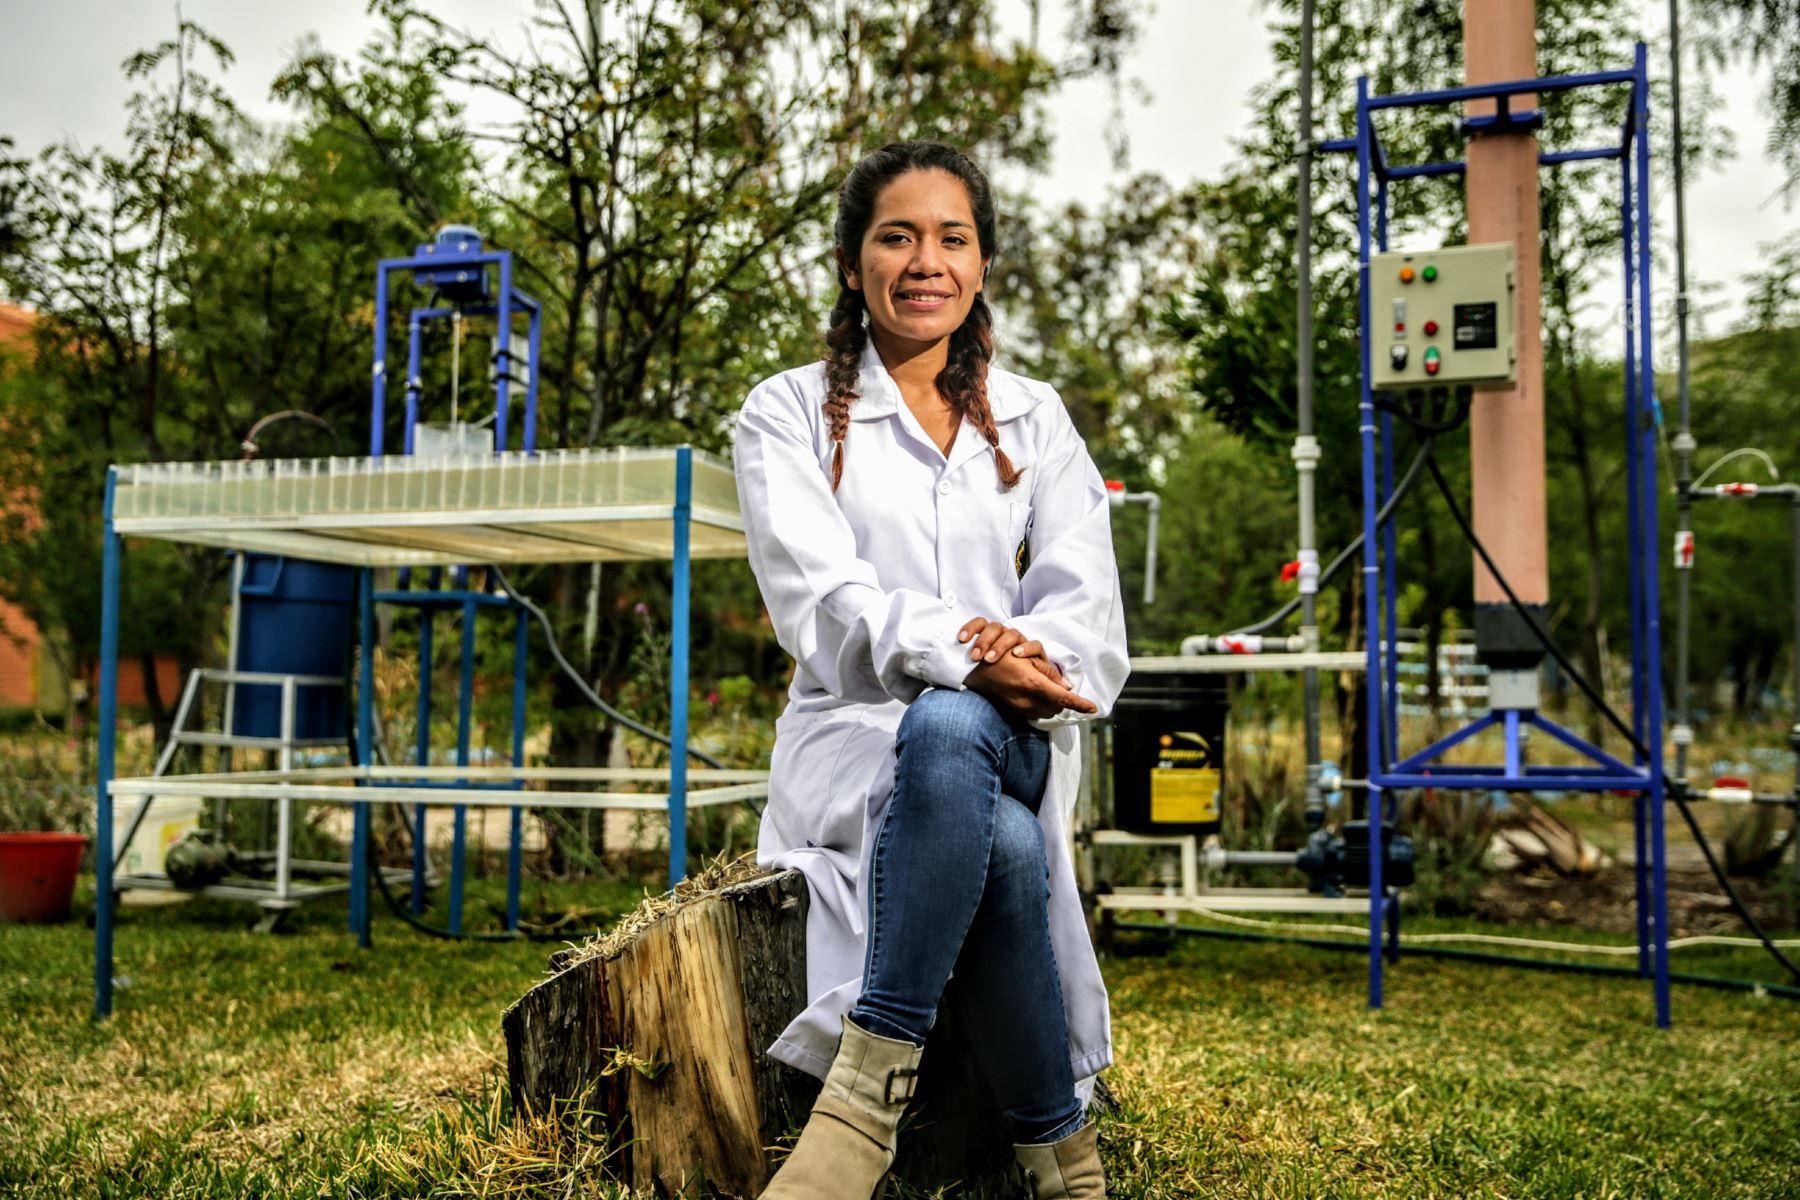 Conozca a Nazia Loayza, la ingeniera peruana que inventó un prototipo para purificar el agua. ANDINA/Luis Iparraguirre